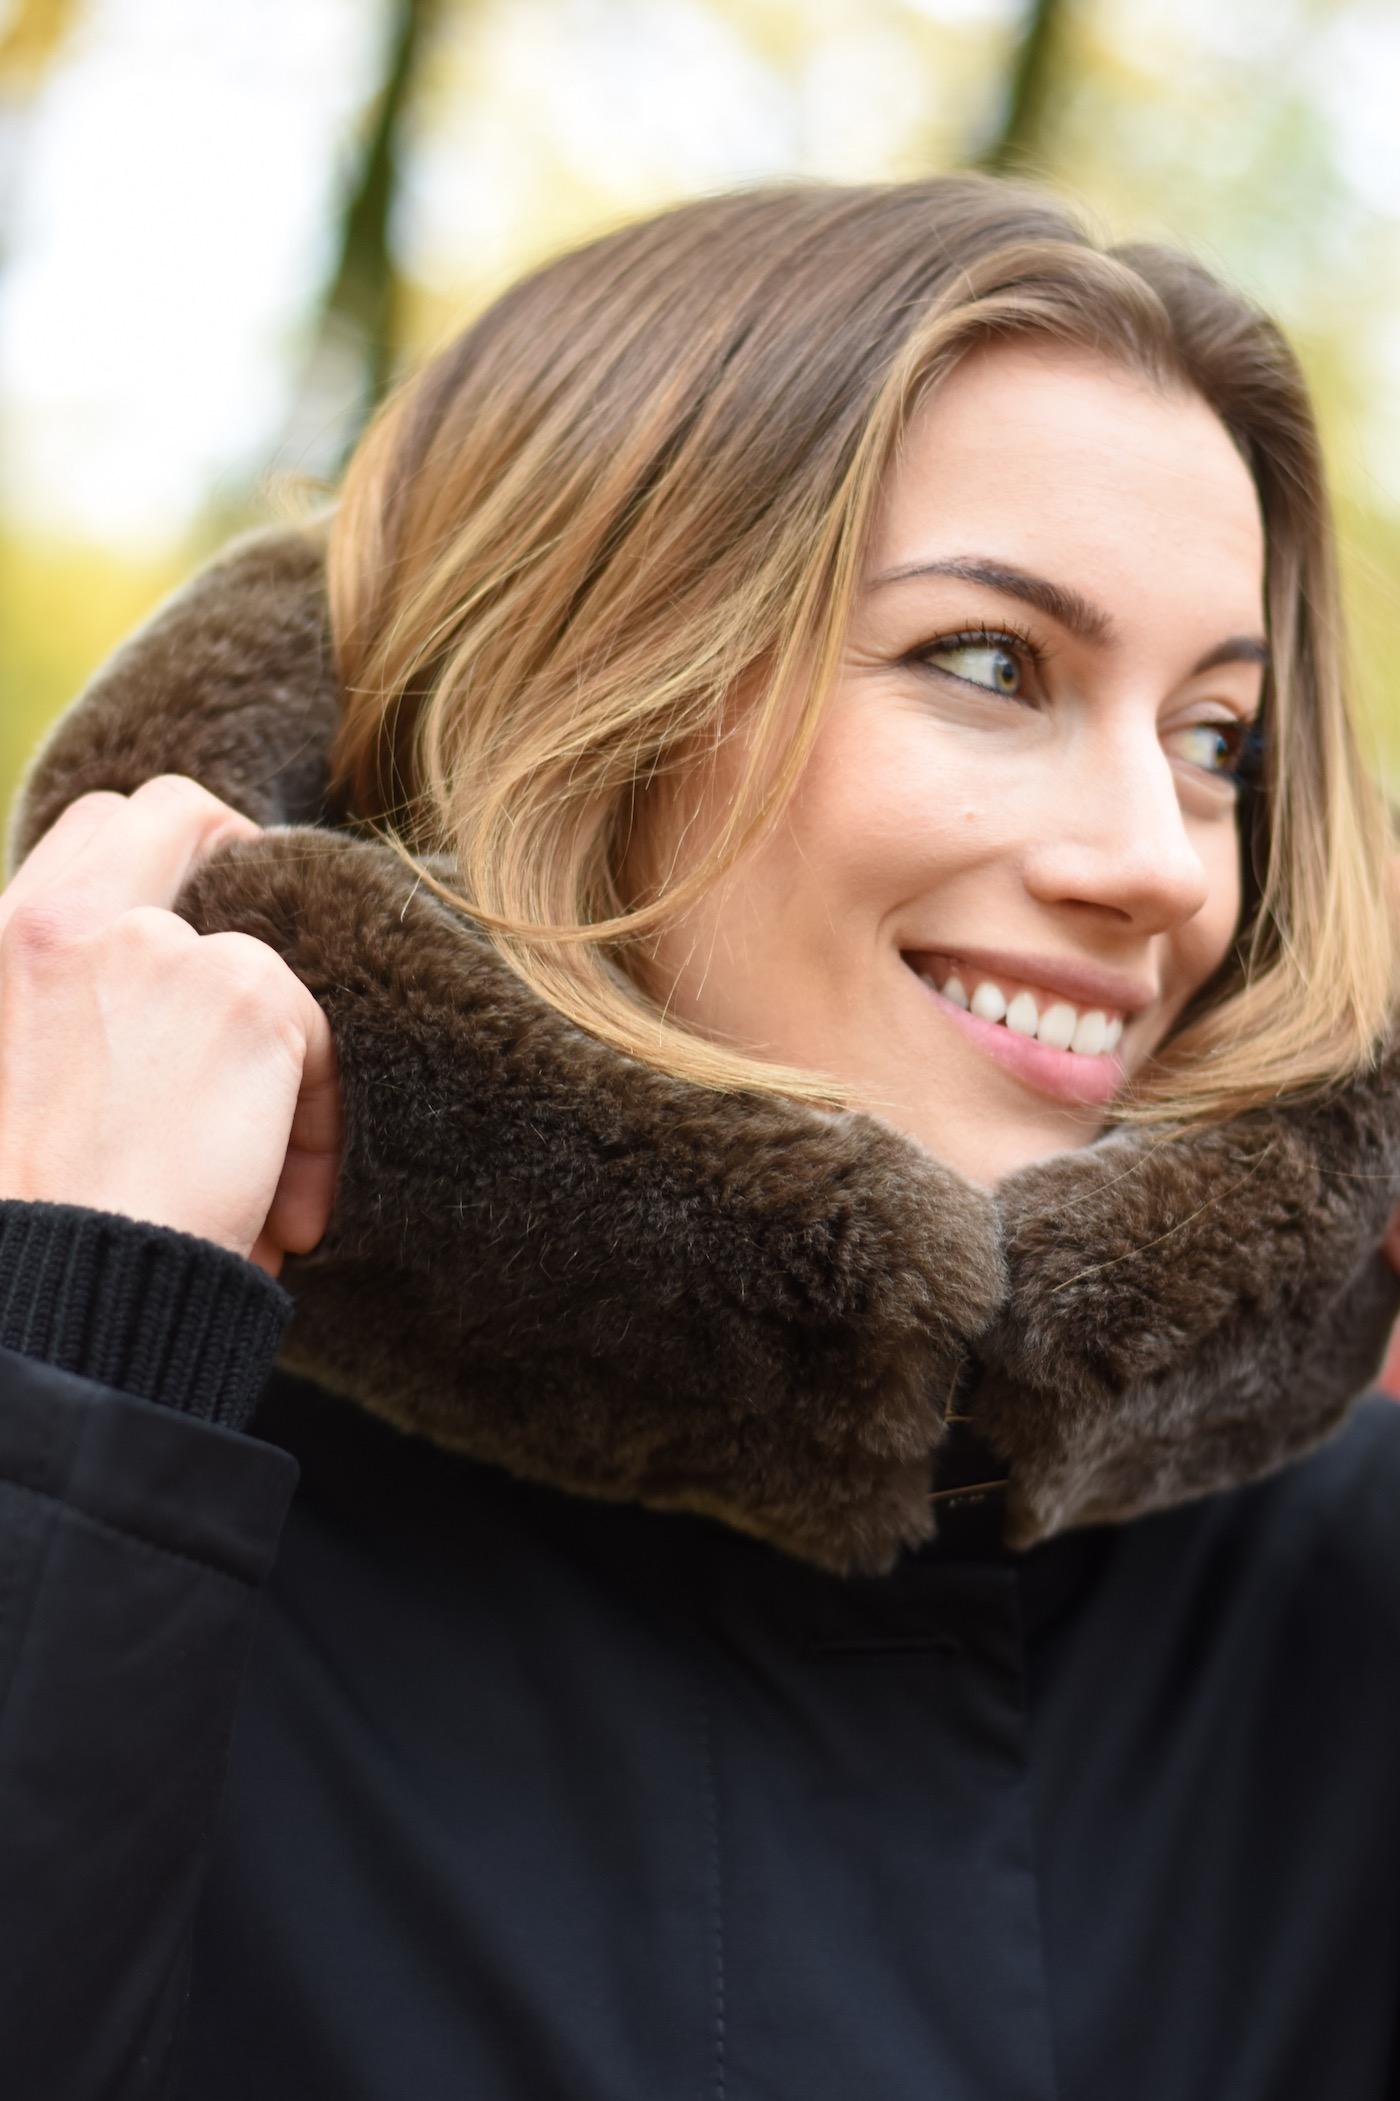 Susanna hält den Kragen der Jacke und lächelt zur Seite.